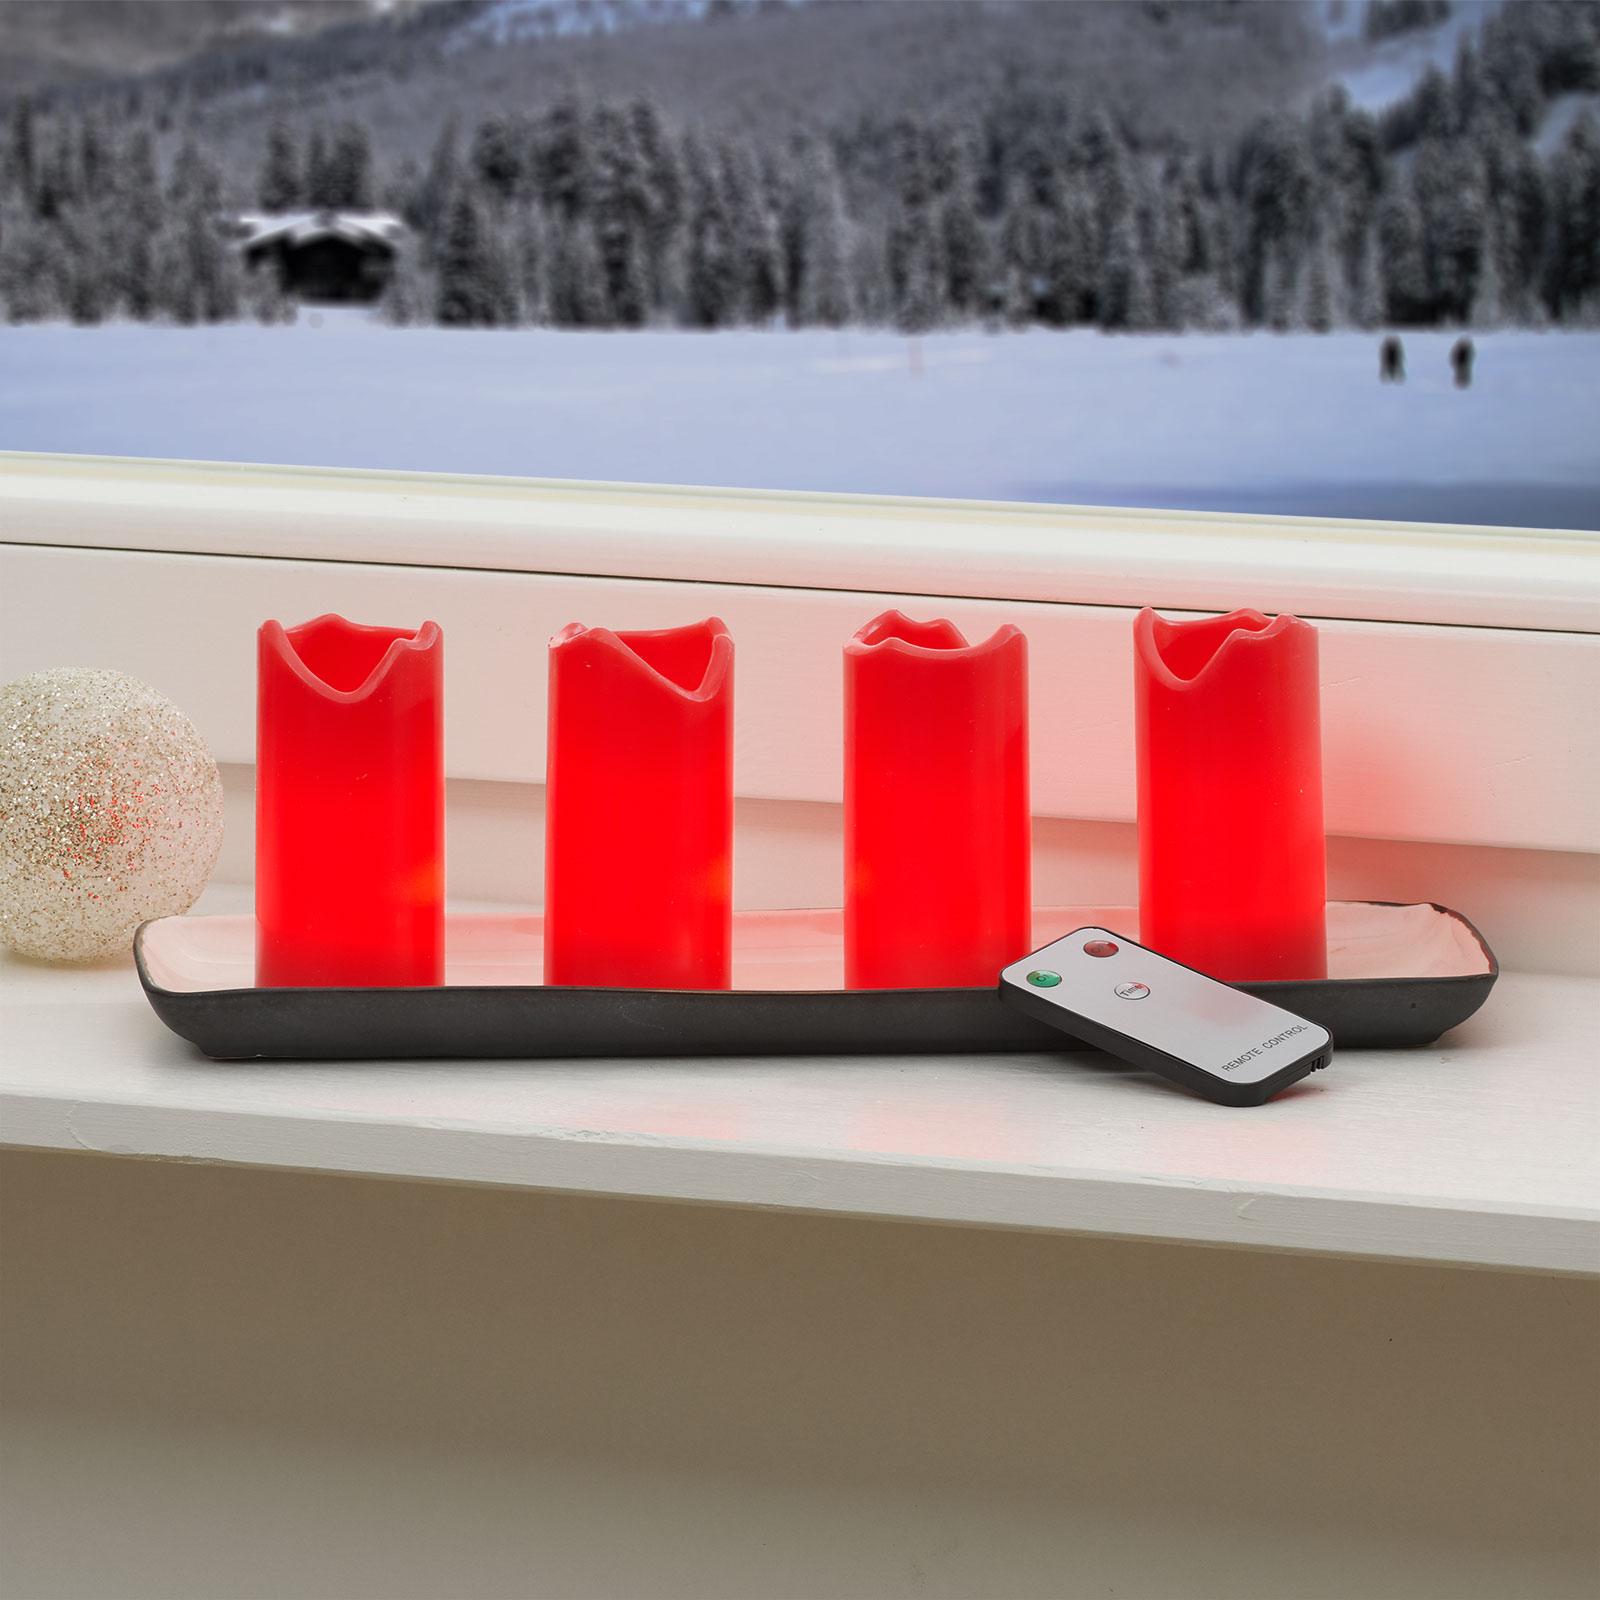 4-er Set - Candle LED-Kerzen m. Fernbedienung